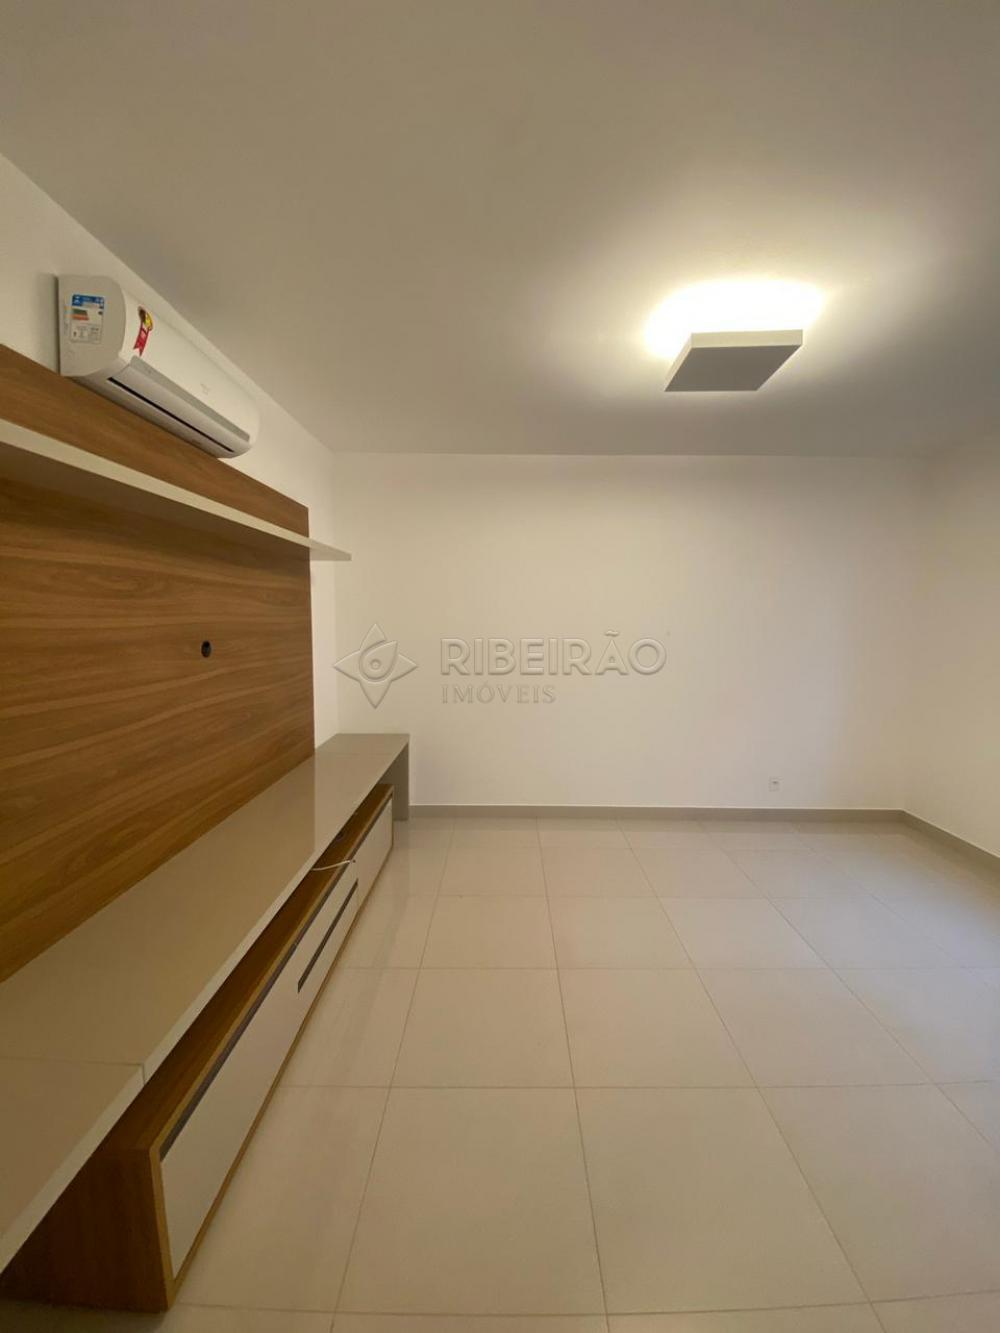 Alugar Apartamento / Padrão em Ribeirão Preto R$ 8.600,00 - Foto 1